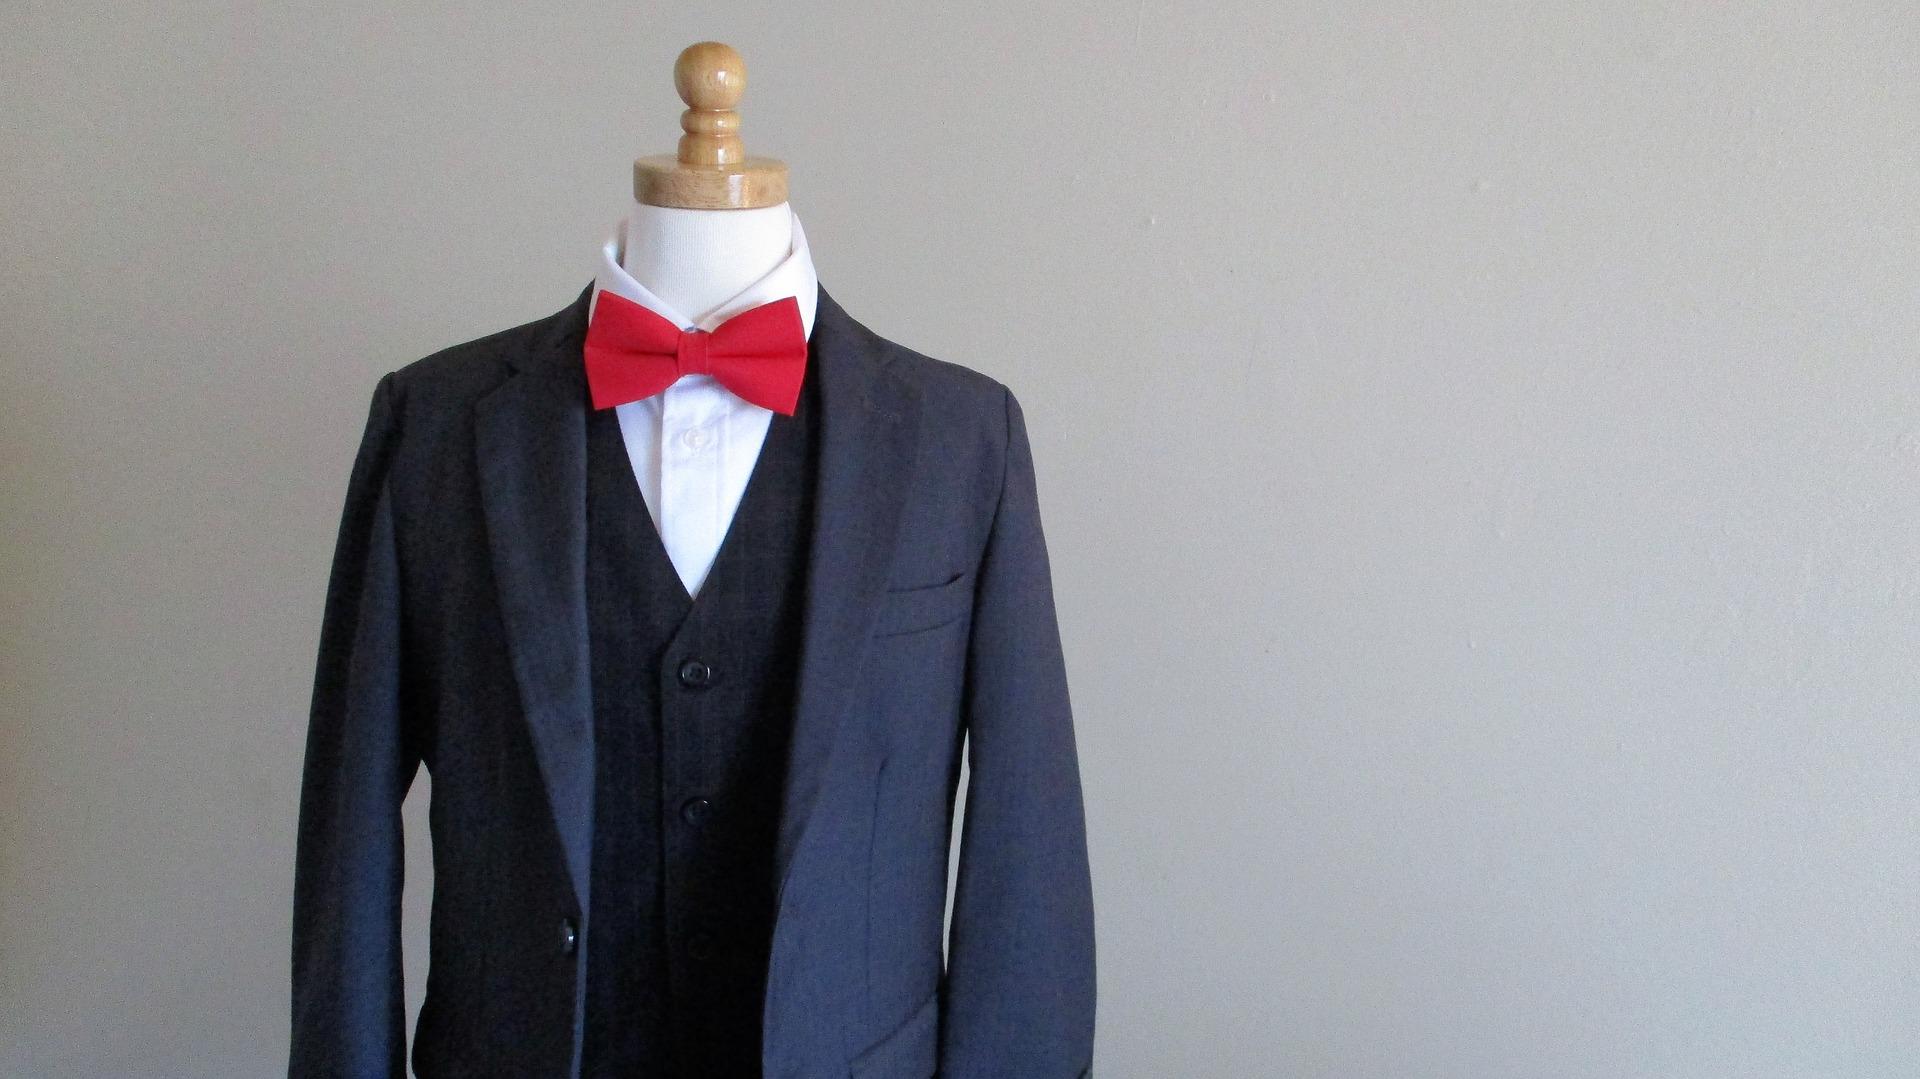 Cravate rouge entretien d'embauche